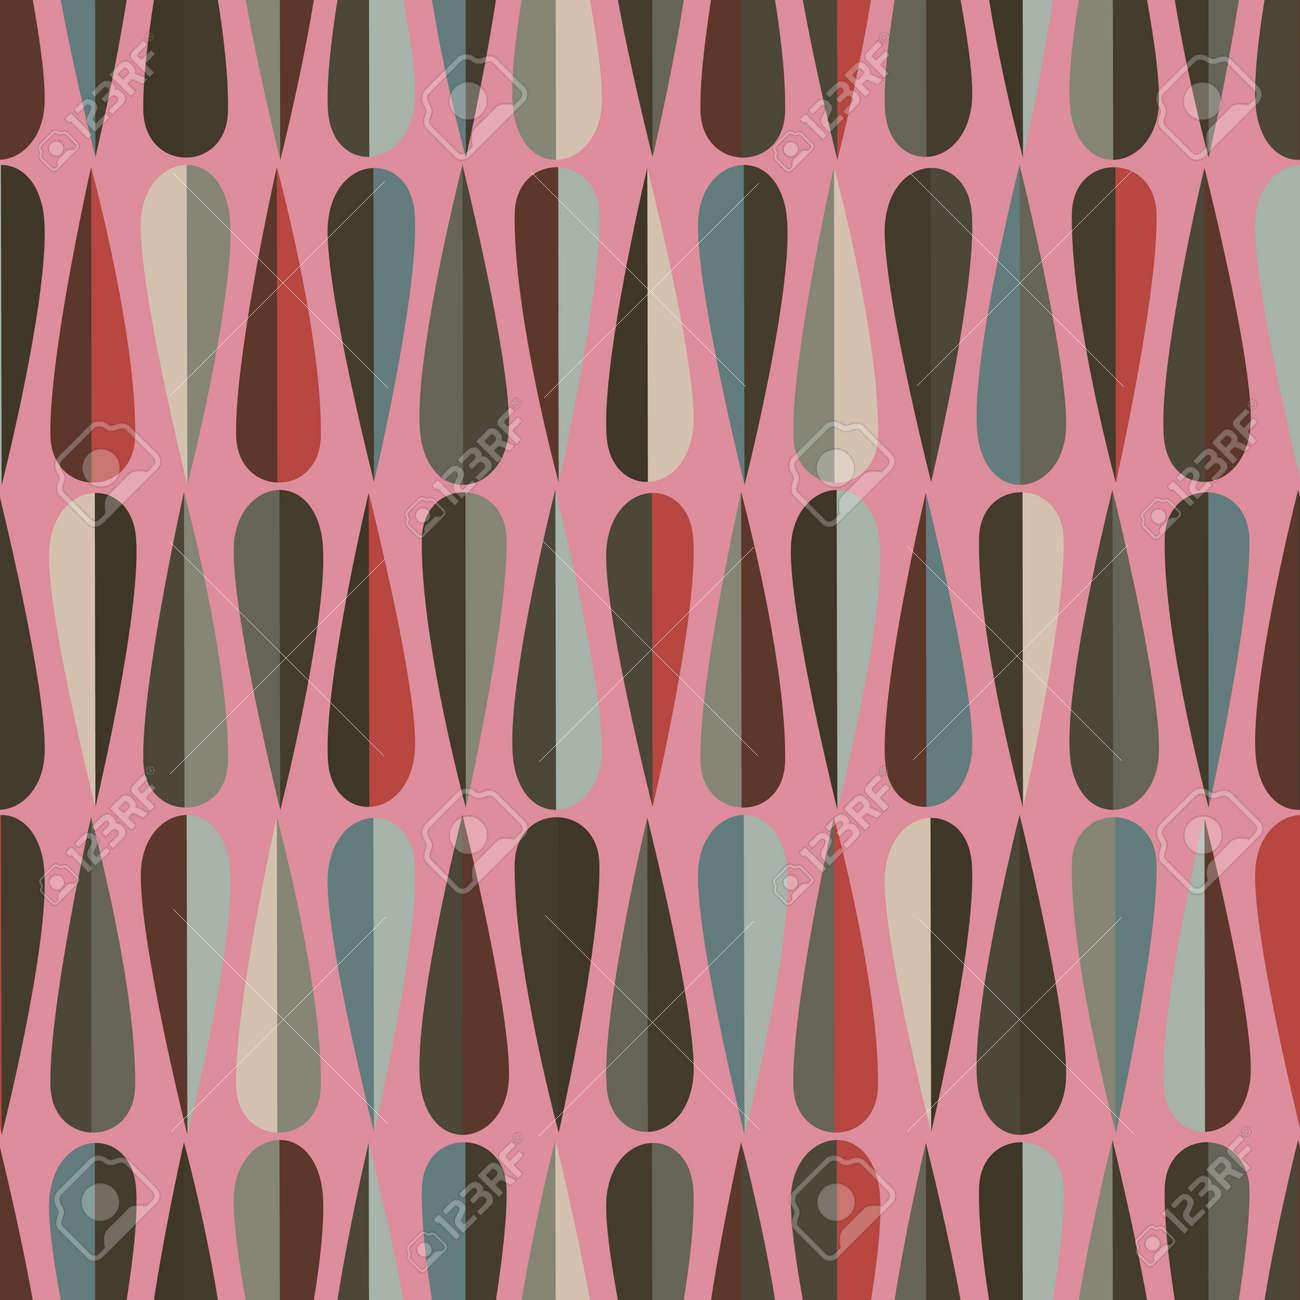 Entzuckend Mitte Des Jahrhunderts Modernen Retro Stil Nahtlose Muster Mit  Tropfenformen In Verschiedenen Farbtönen, Abstrakten